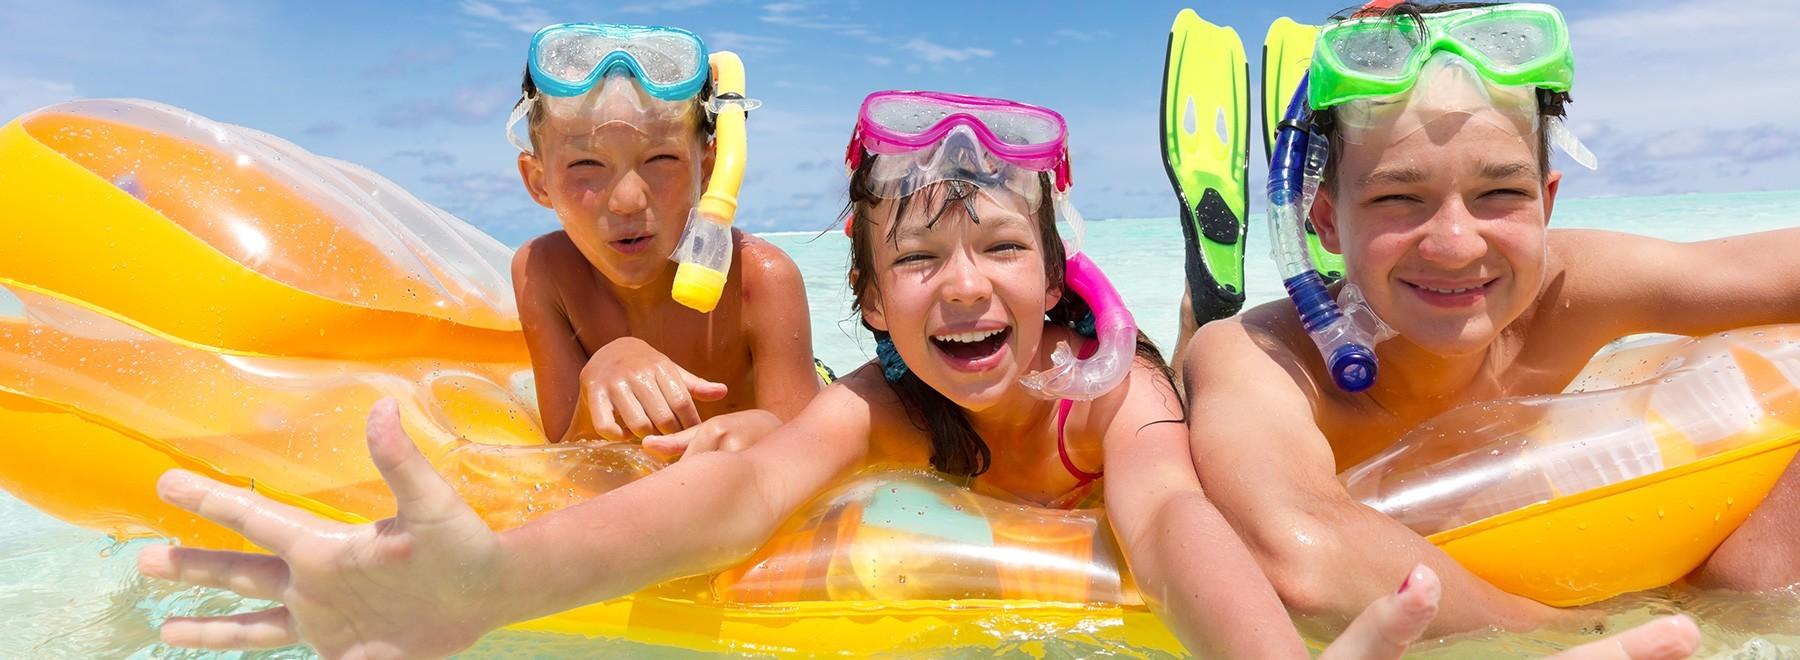 Il Mini Club per bambini Family Hotel  Sardegna